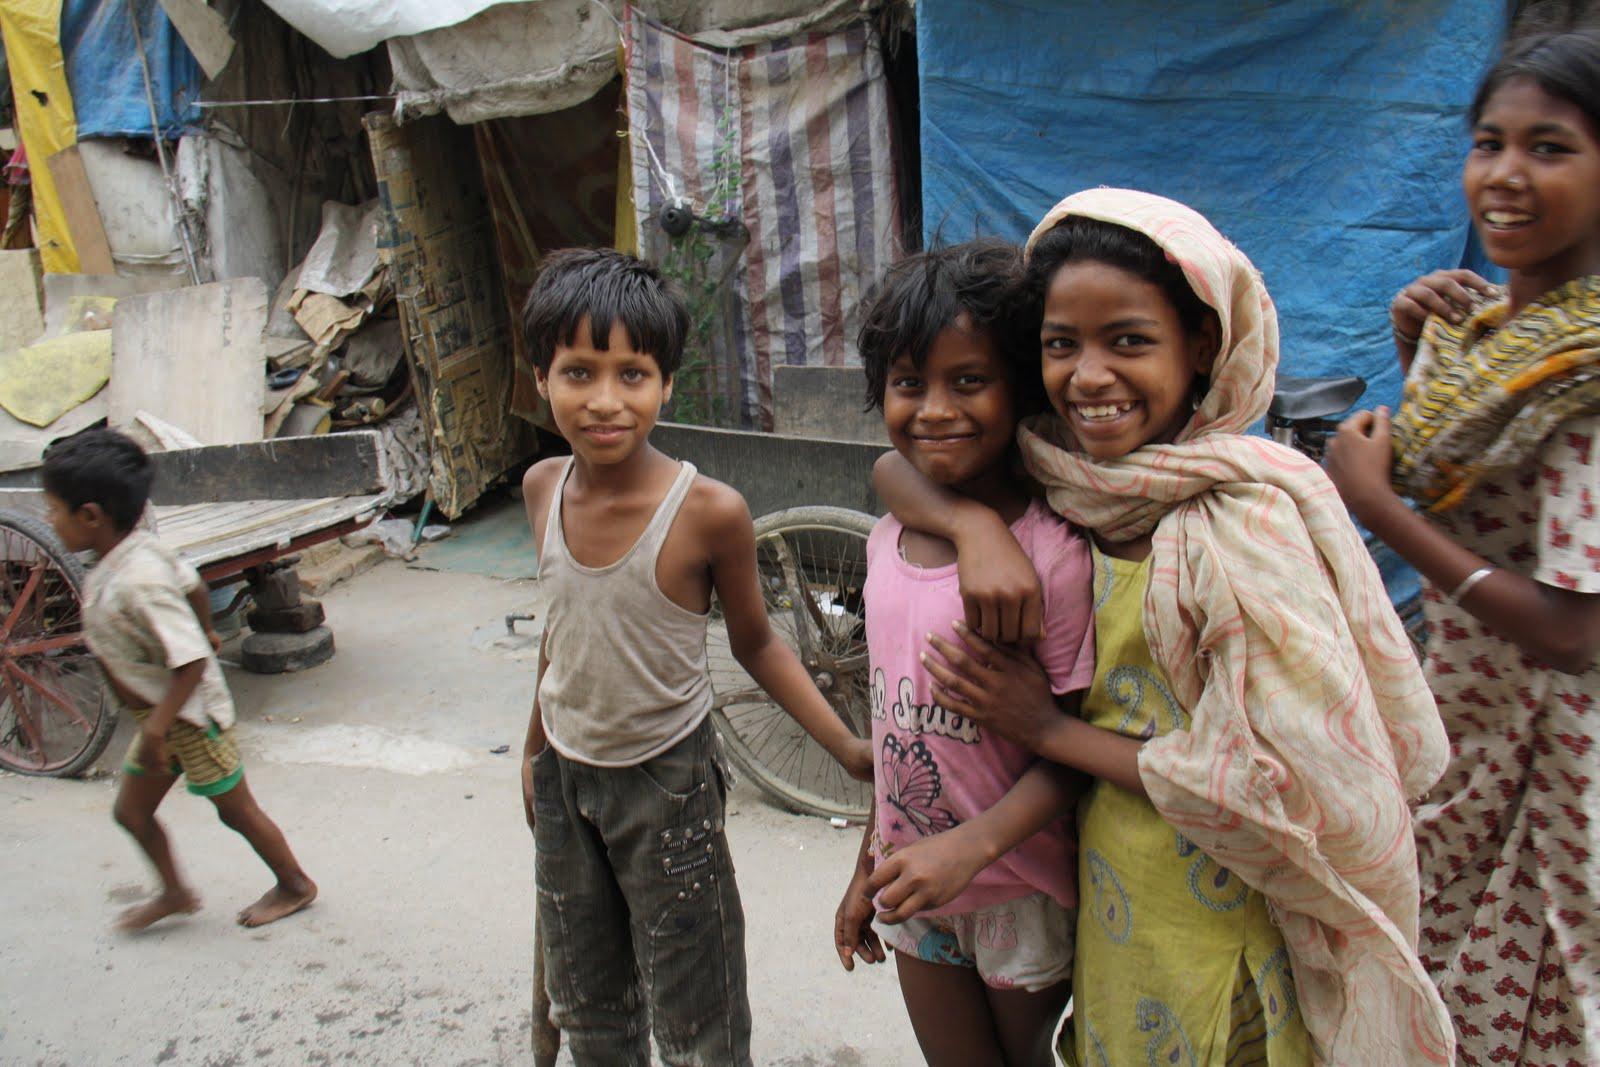 india slum girl child nude